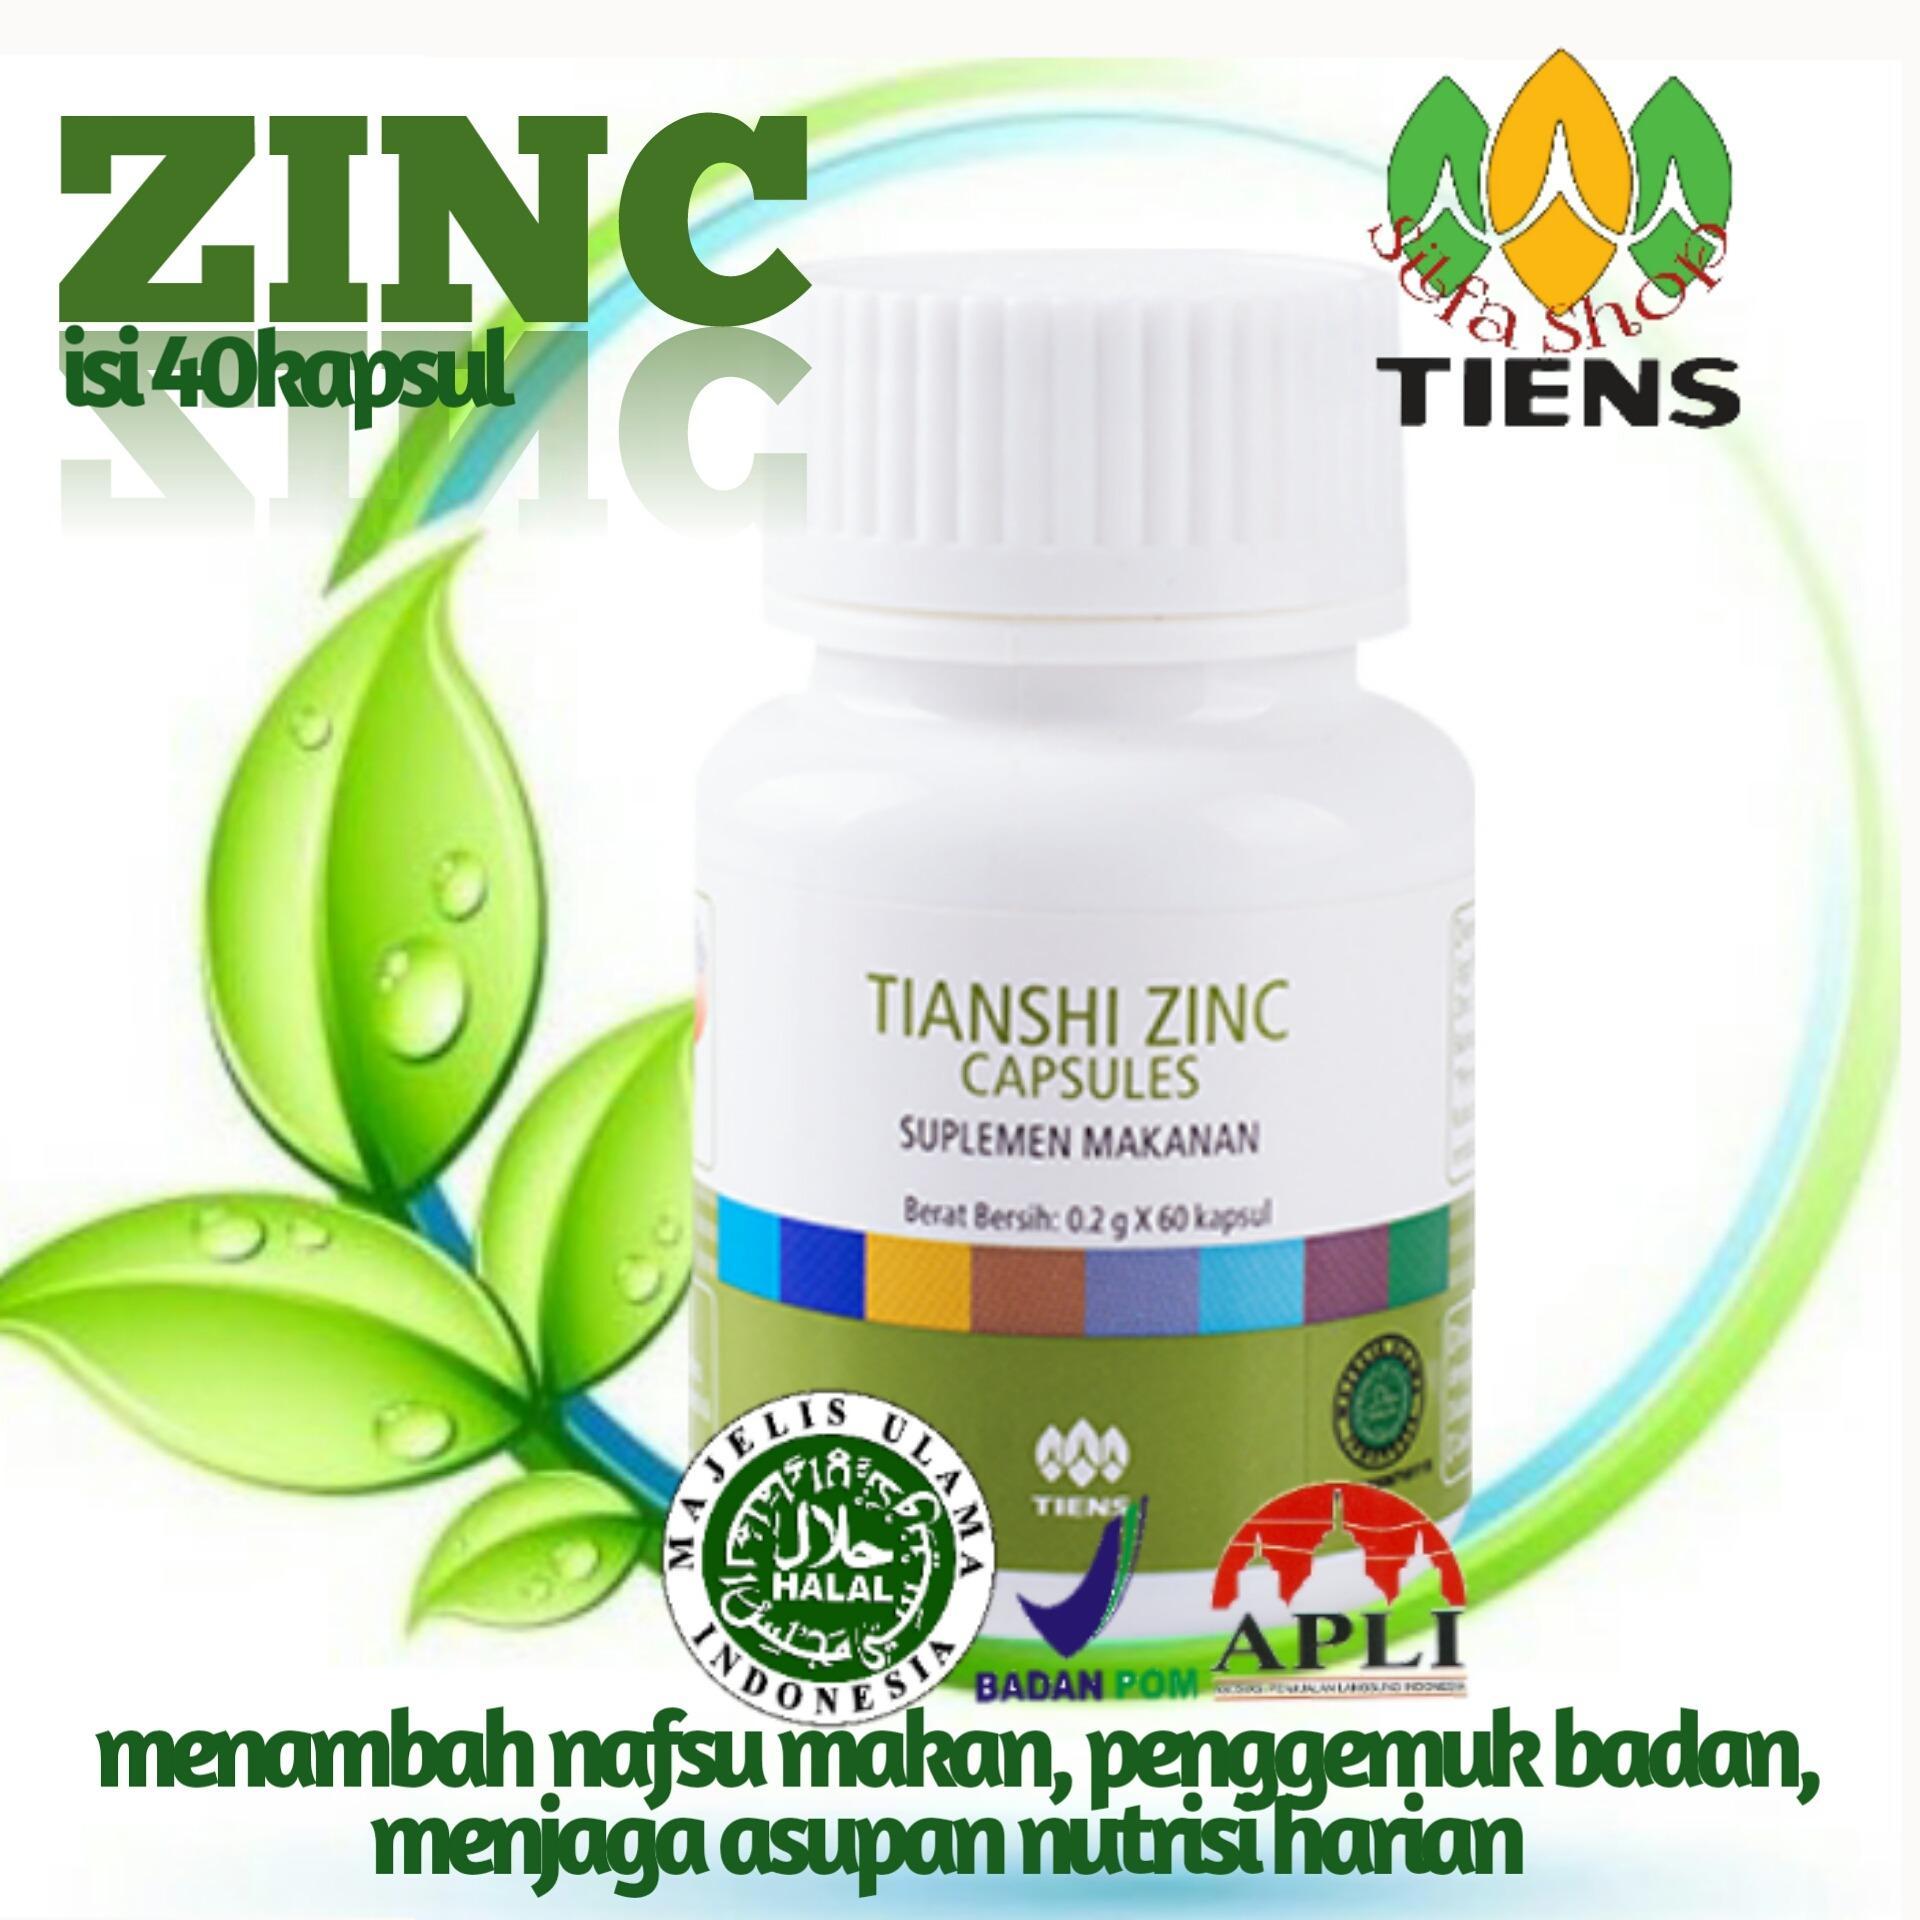 Beli sekarang tiens penambah nafsu makan ( zinc penggemuk badan isi 40kapsul ) by silfa shop terbaik murah - Hanya Rp179.740